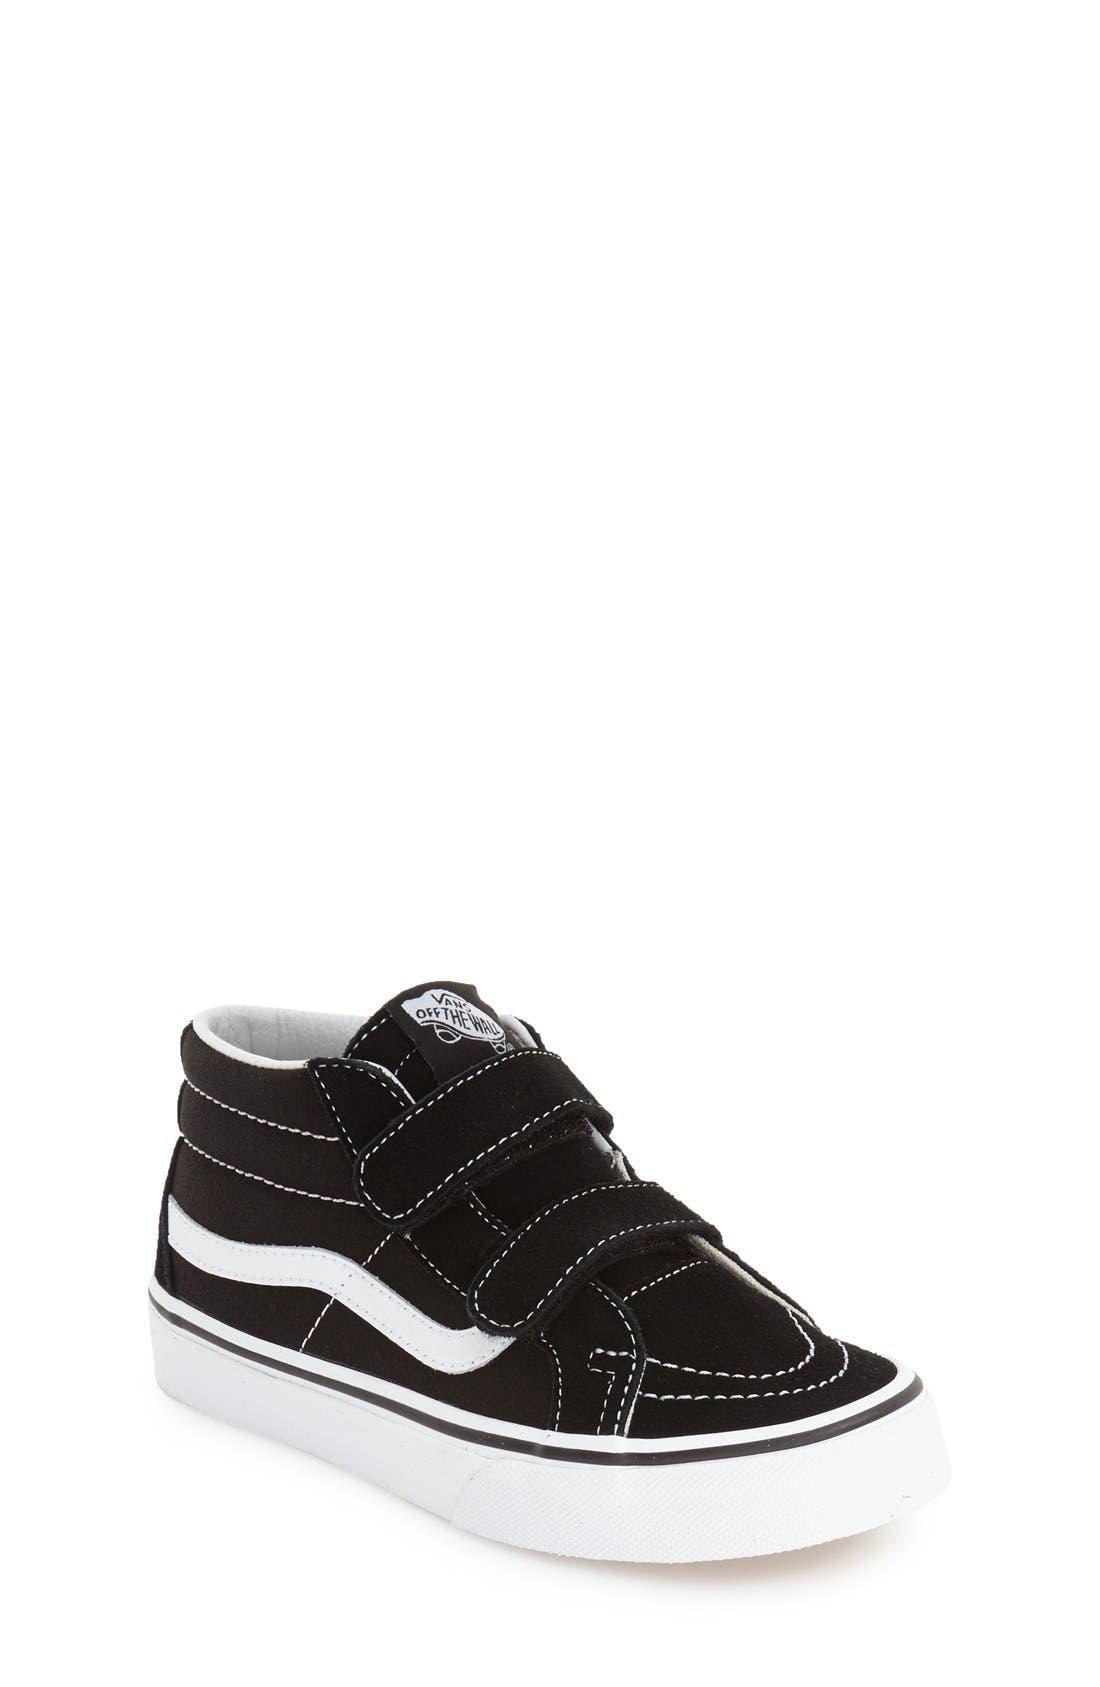 'Sk8-Hi Reissue V' Sneaker,                             Main thumbnail 1, color,                             Black/ True White